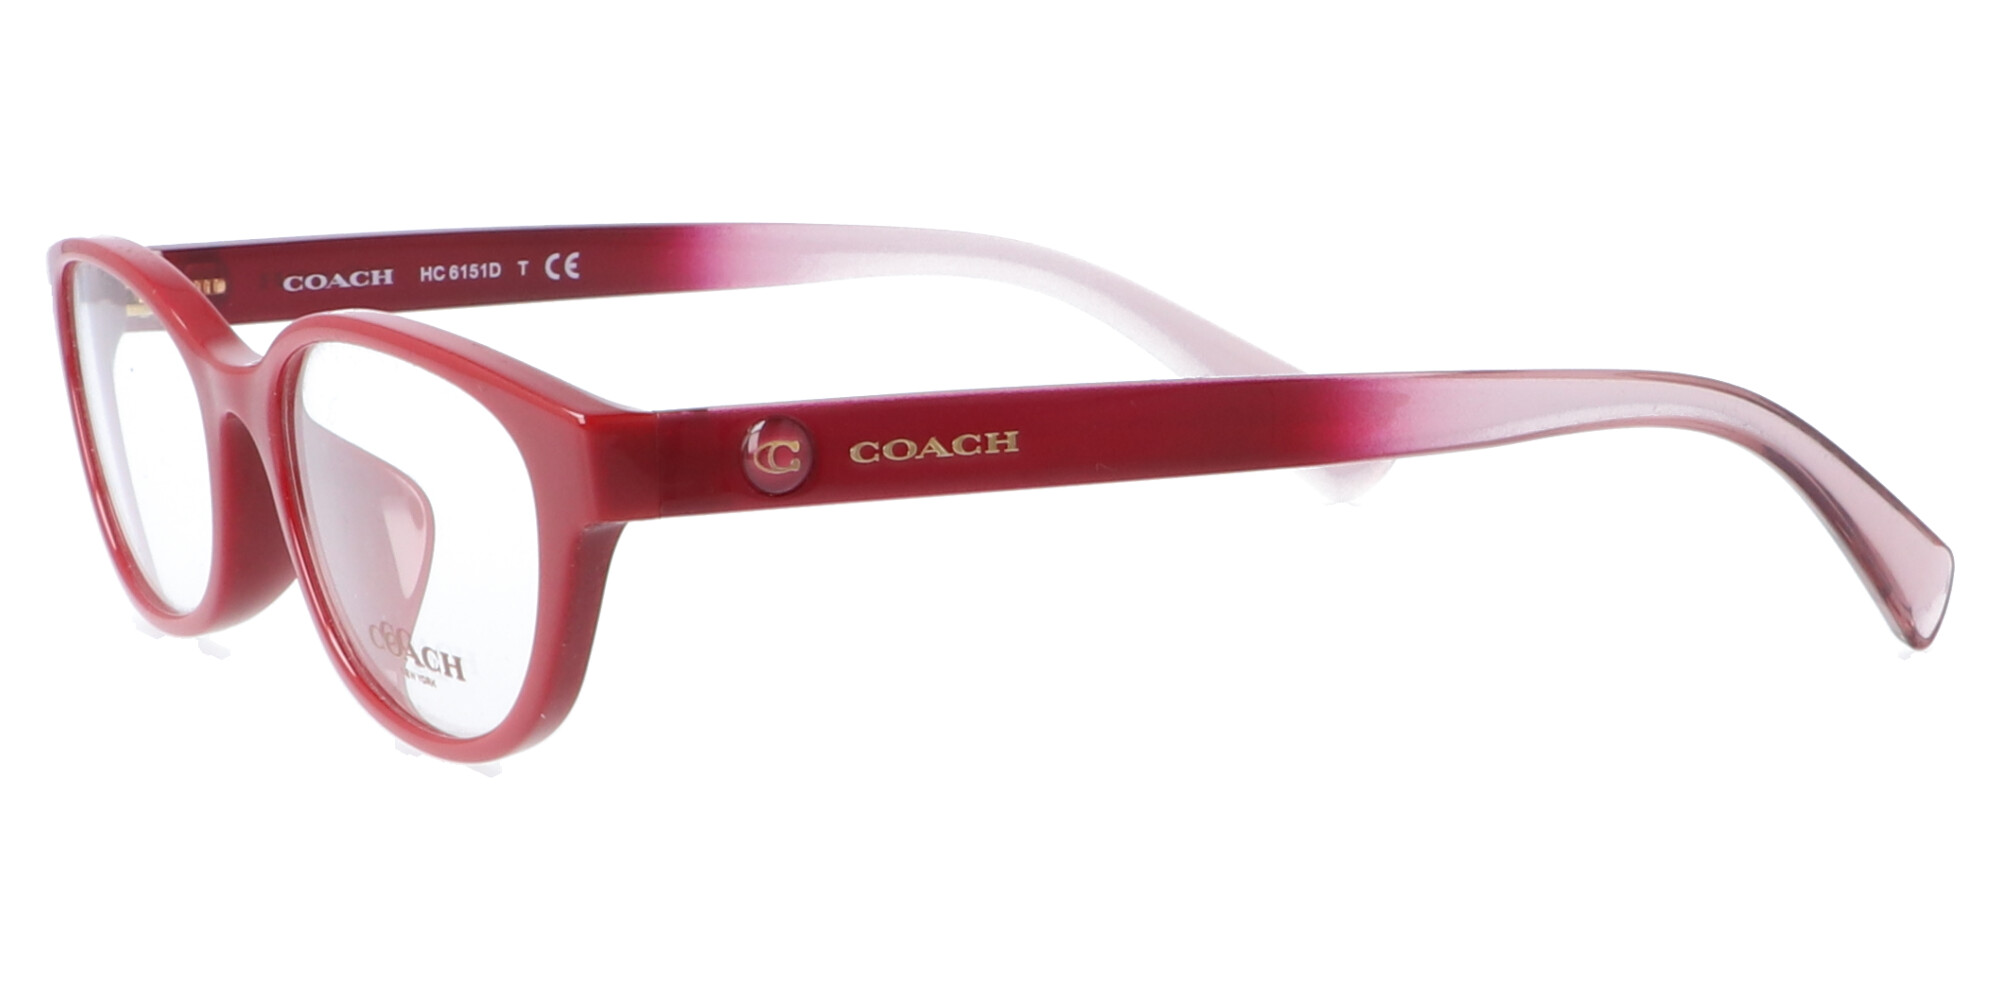 COACH HC6151D_52_バーガンディー/バーガンディー トゥー ピンク グラディエント